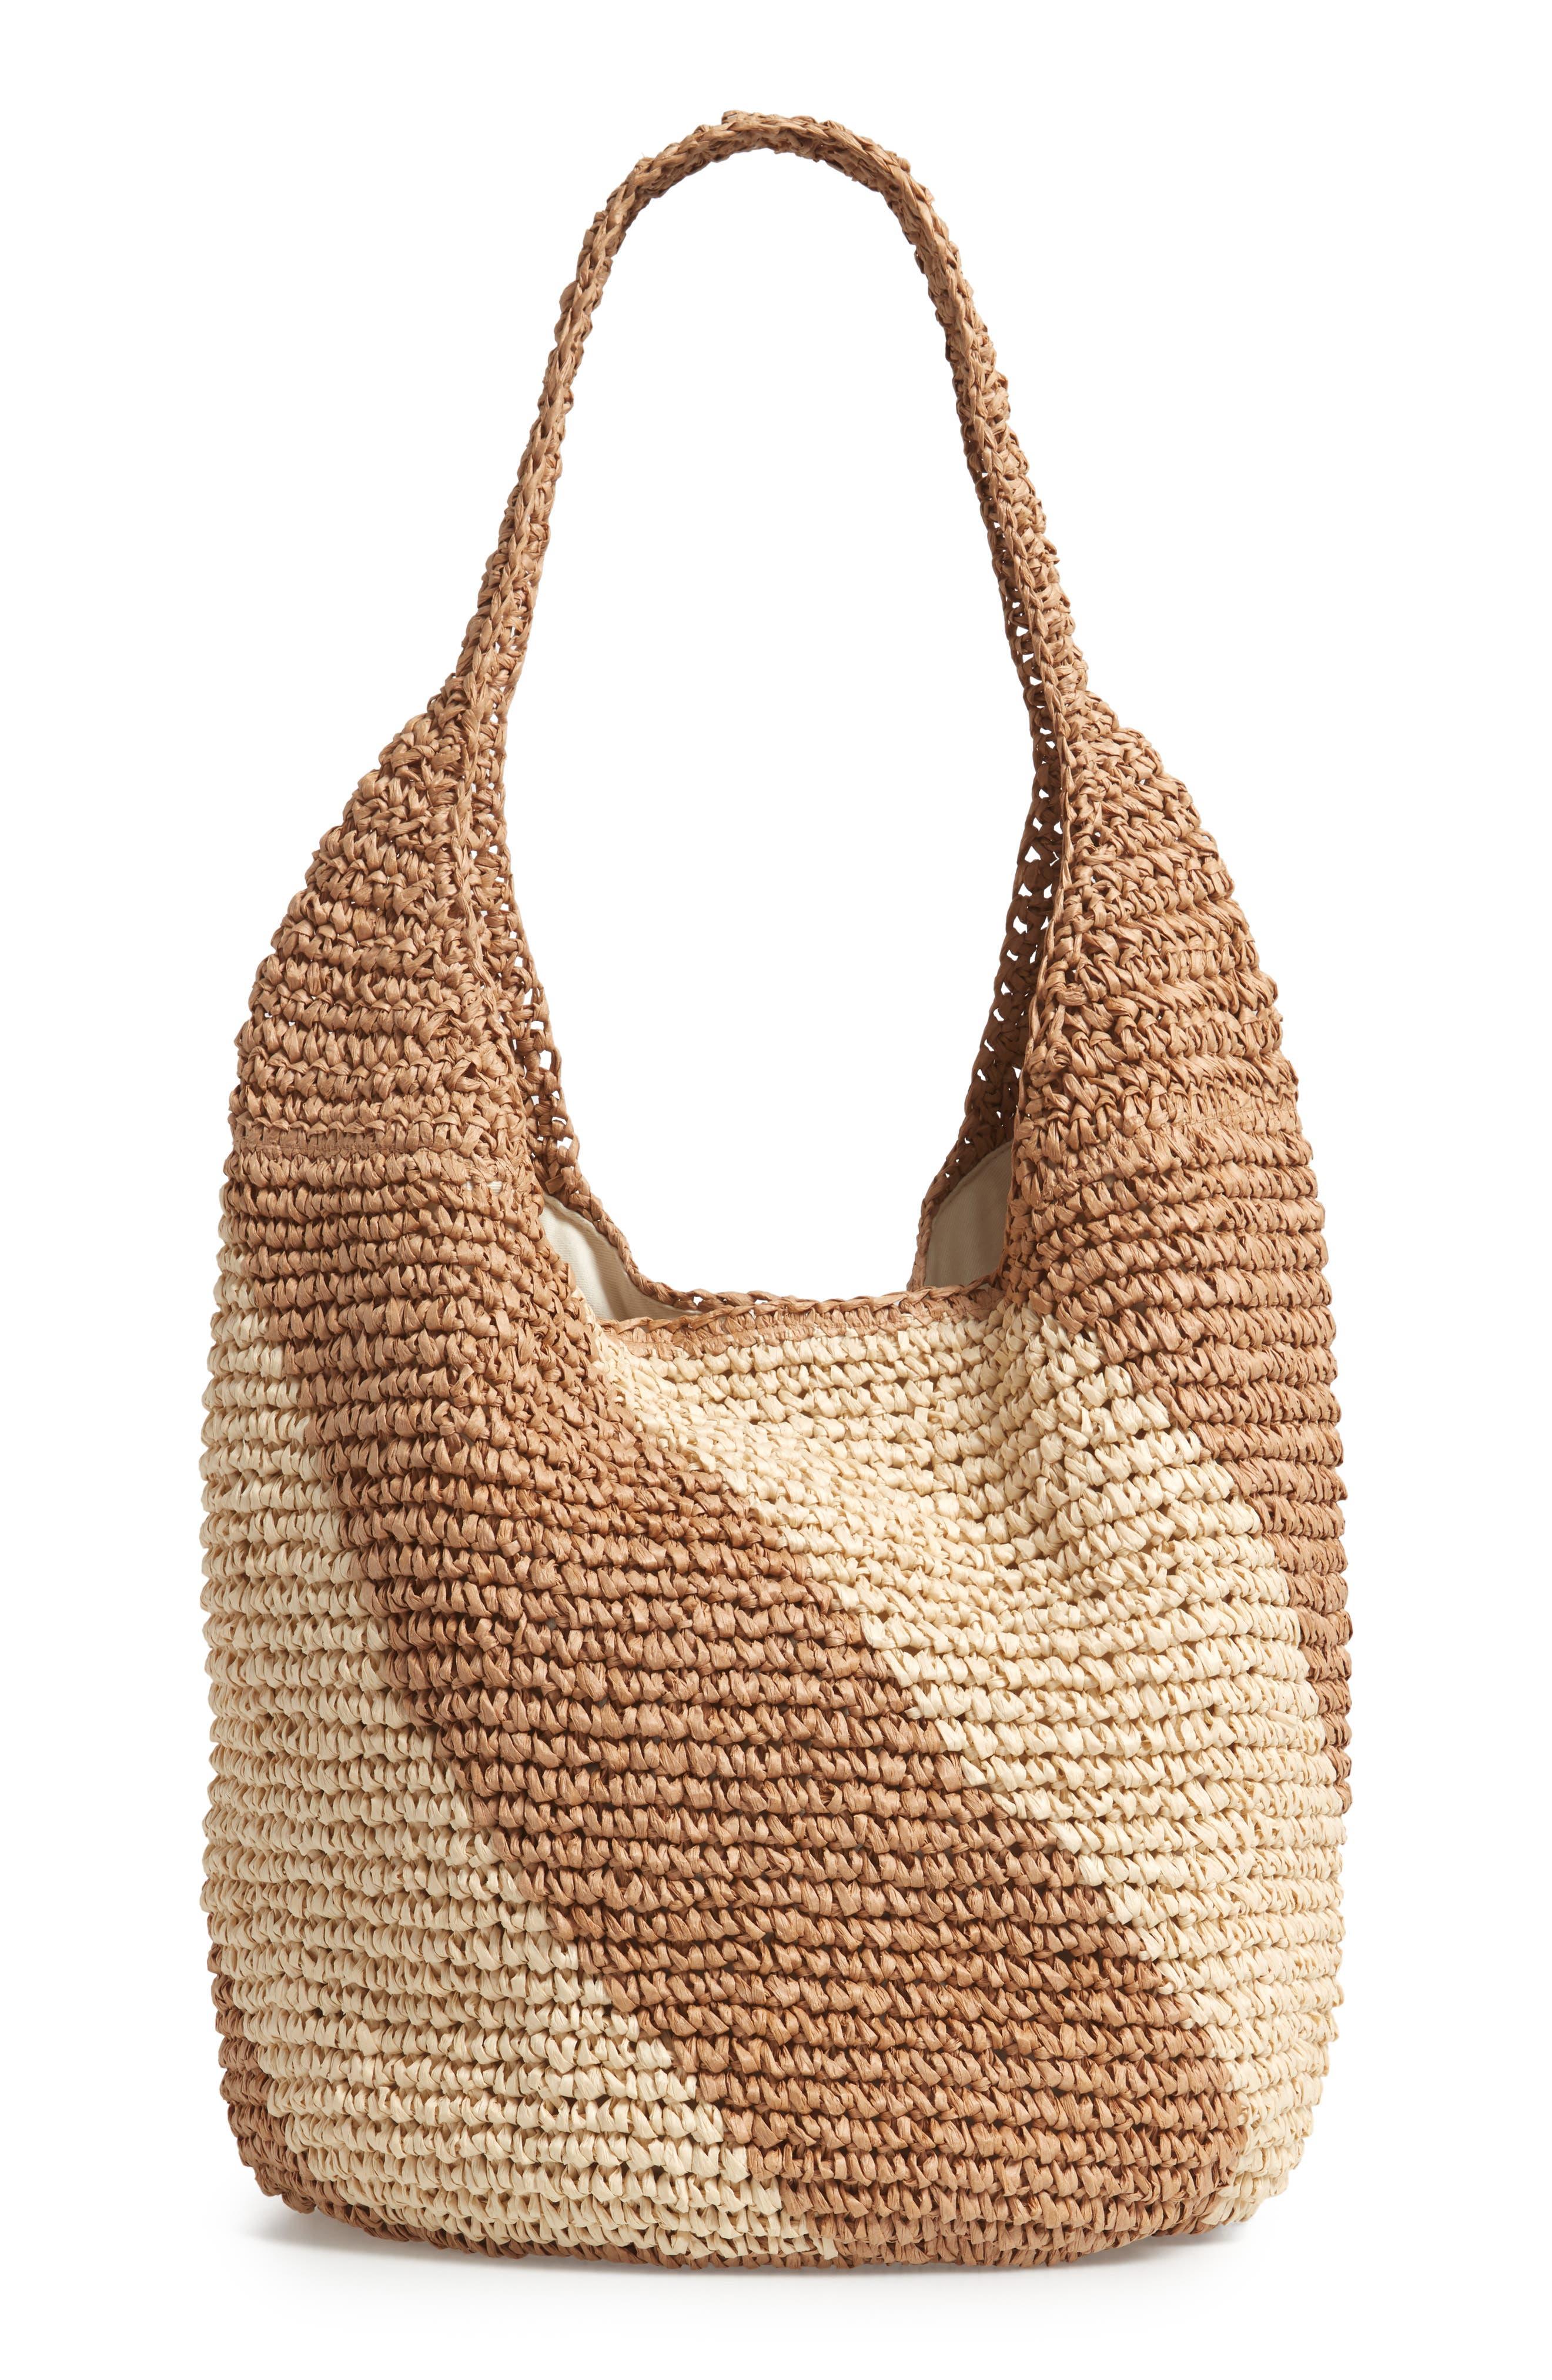 Womens Hobo Handbags Handbags   Purses   Luggage 73ff4018f9b24